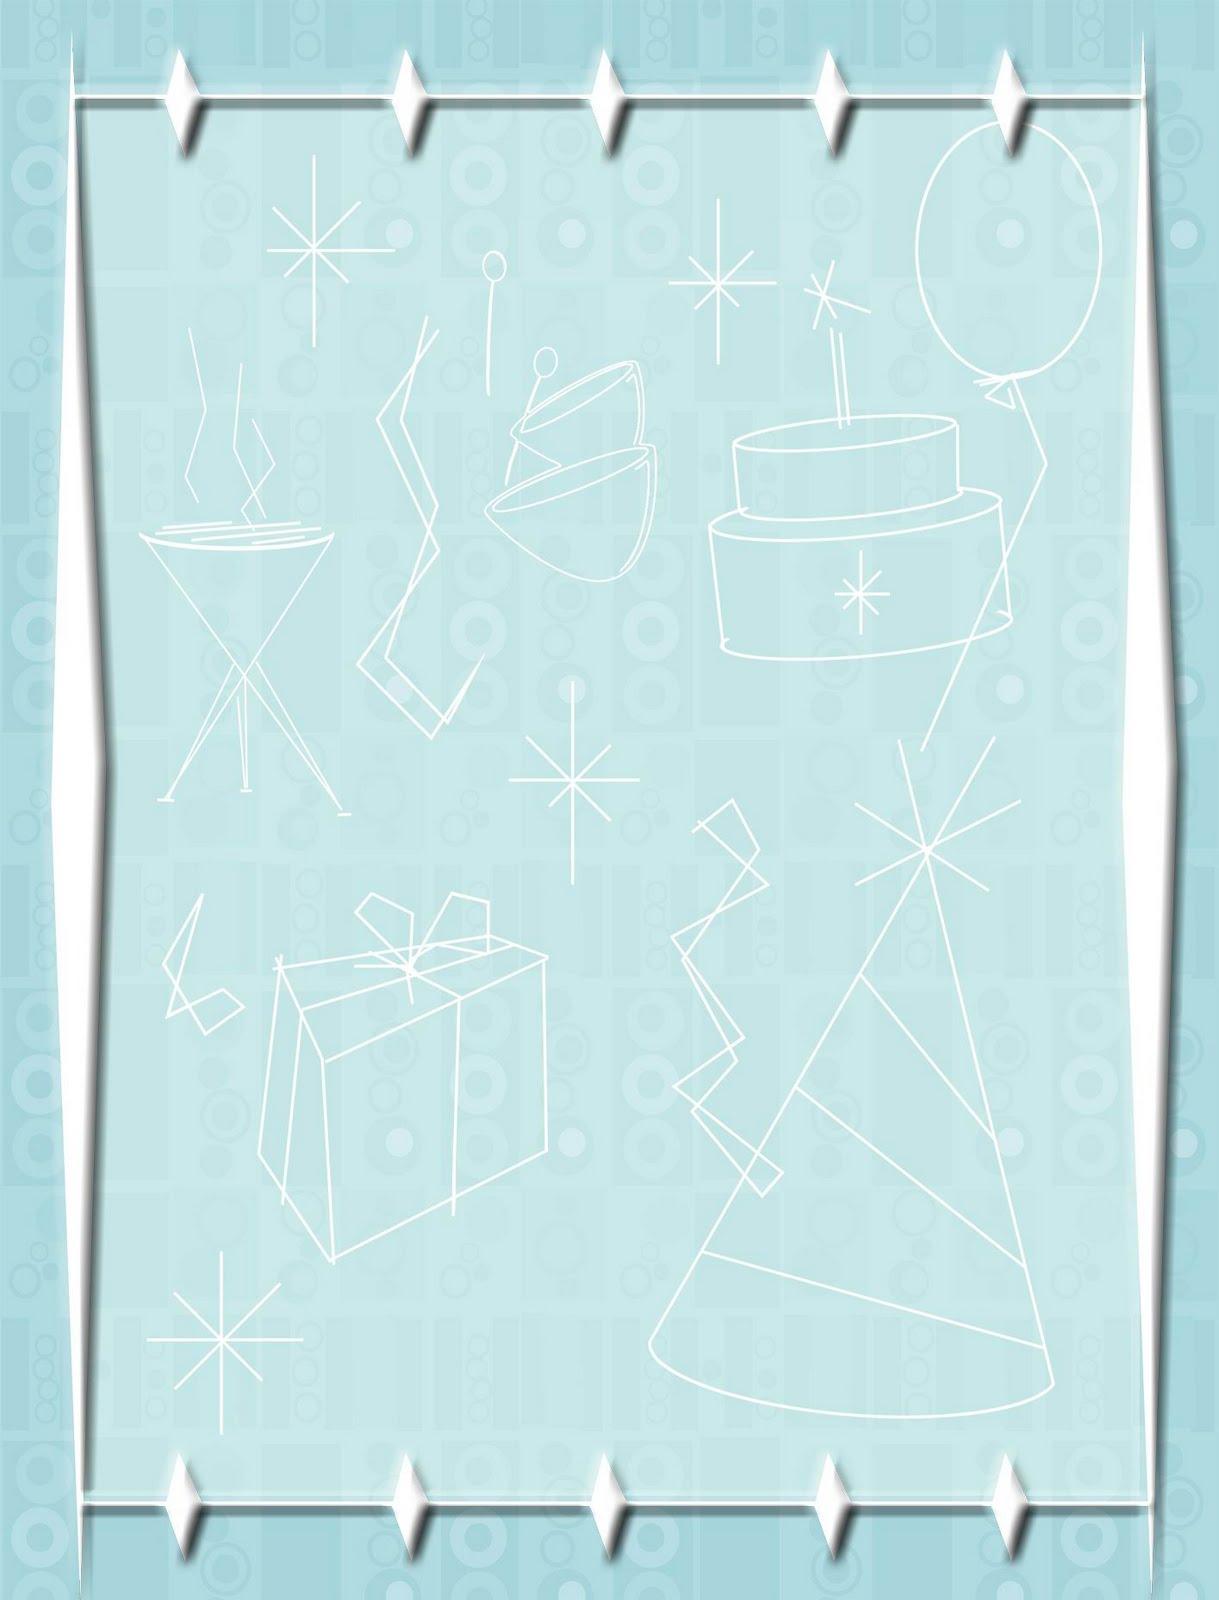 Contoh gambar wallpaper kotak persegi dalam berbagai desain yang 1219x1600